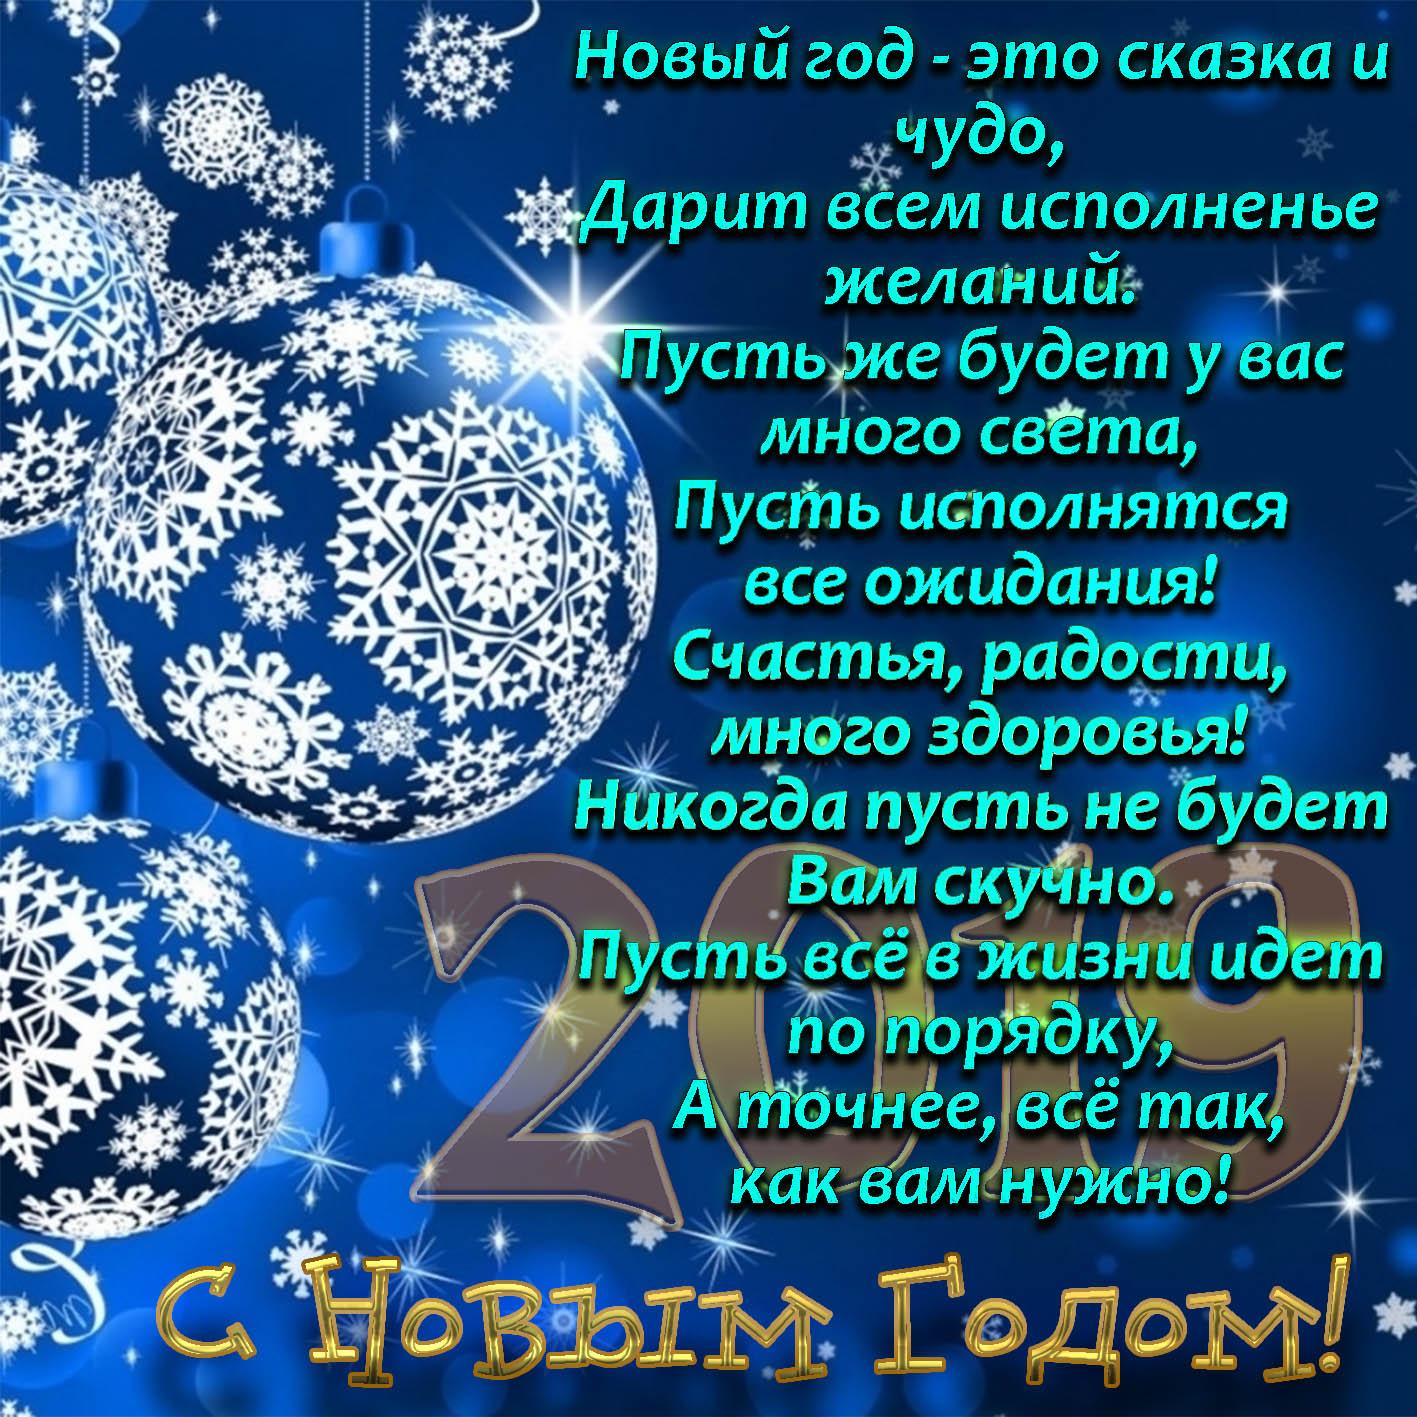 Новогодние стихи для поздравления 2019, открытка таганрог